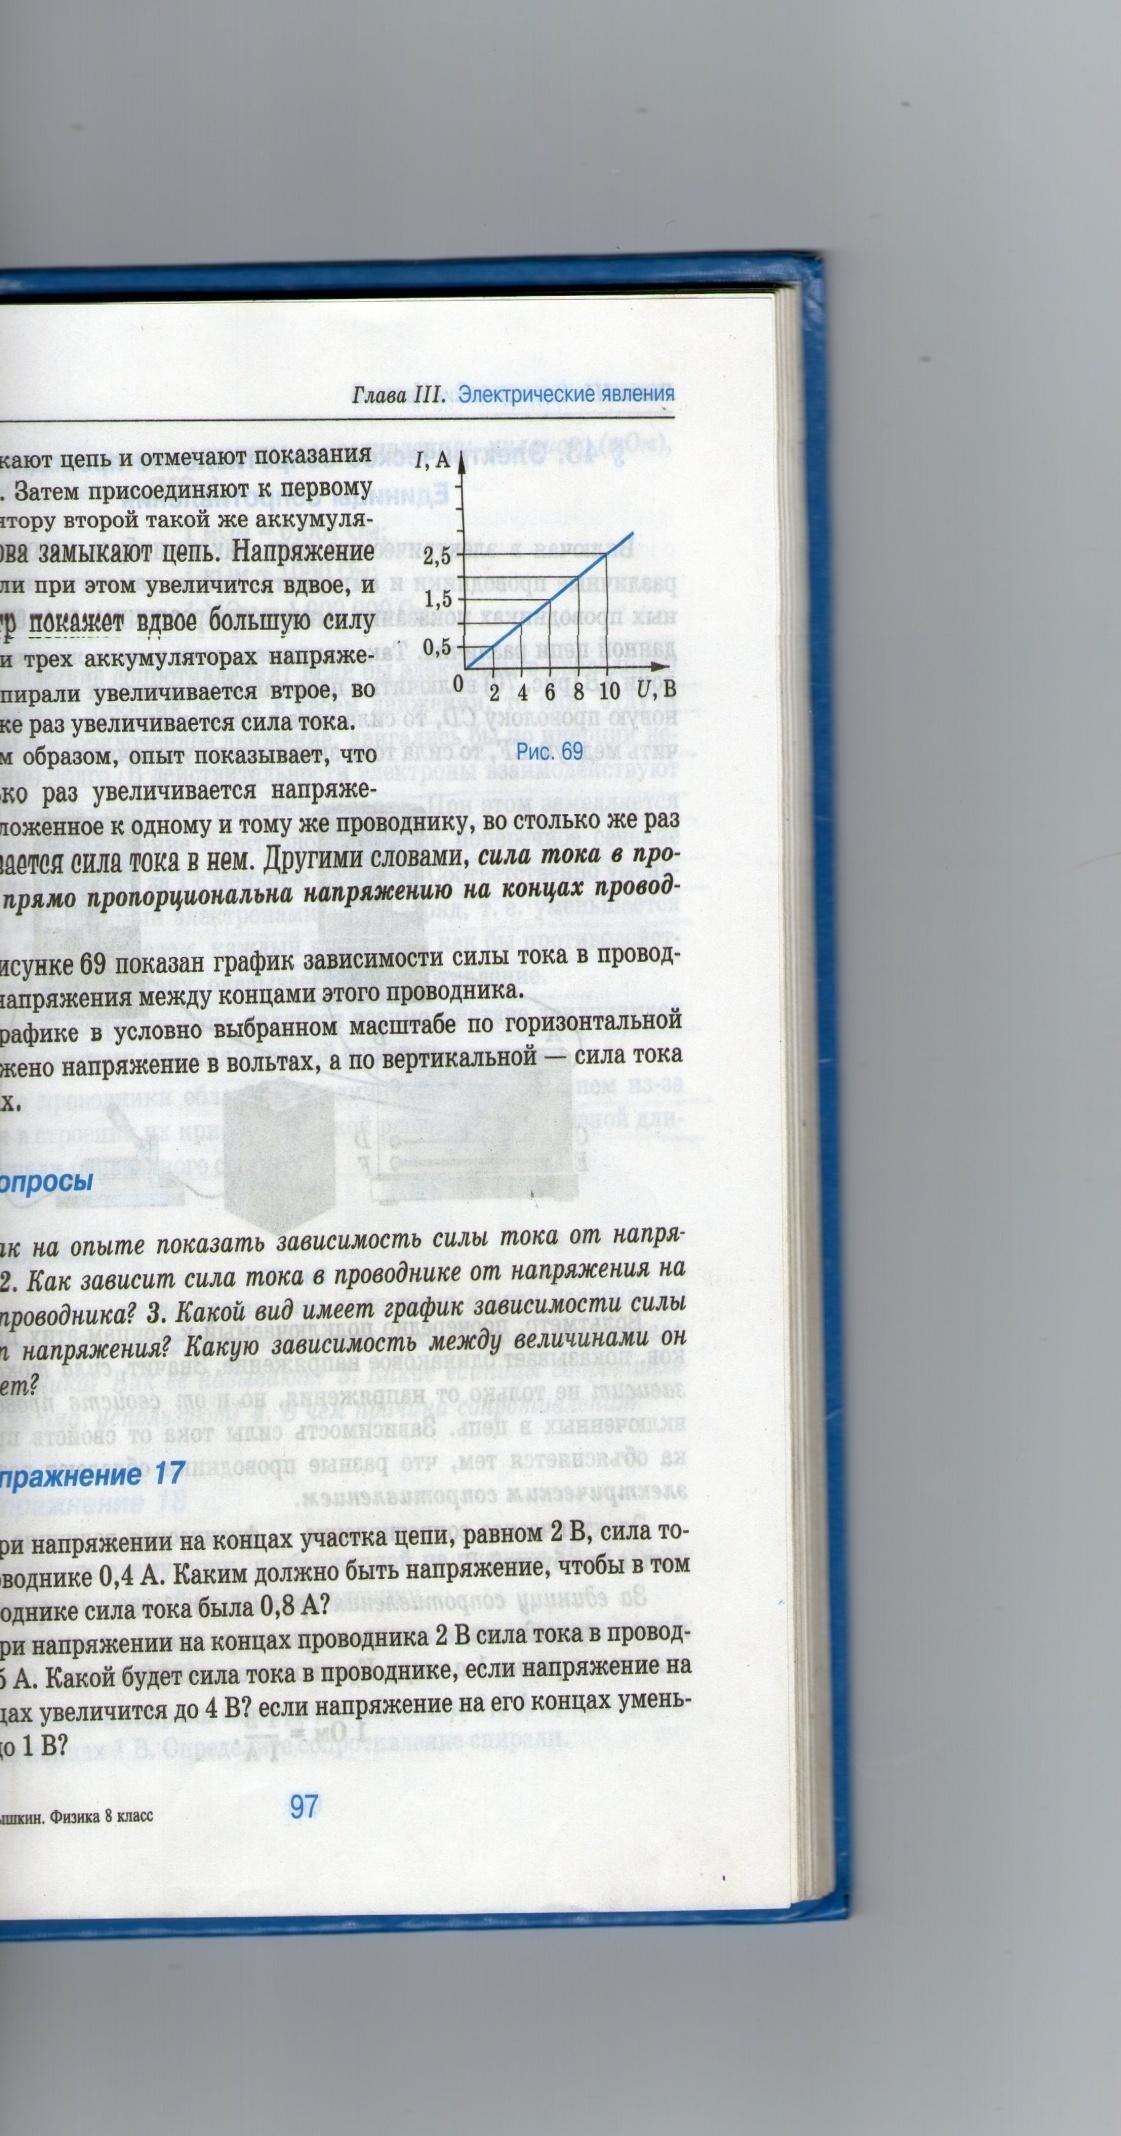 C:\Documents and Settings\555\Мои документы\Мои рисунки\img021.jpg